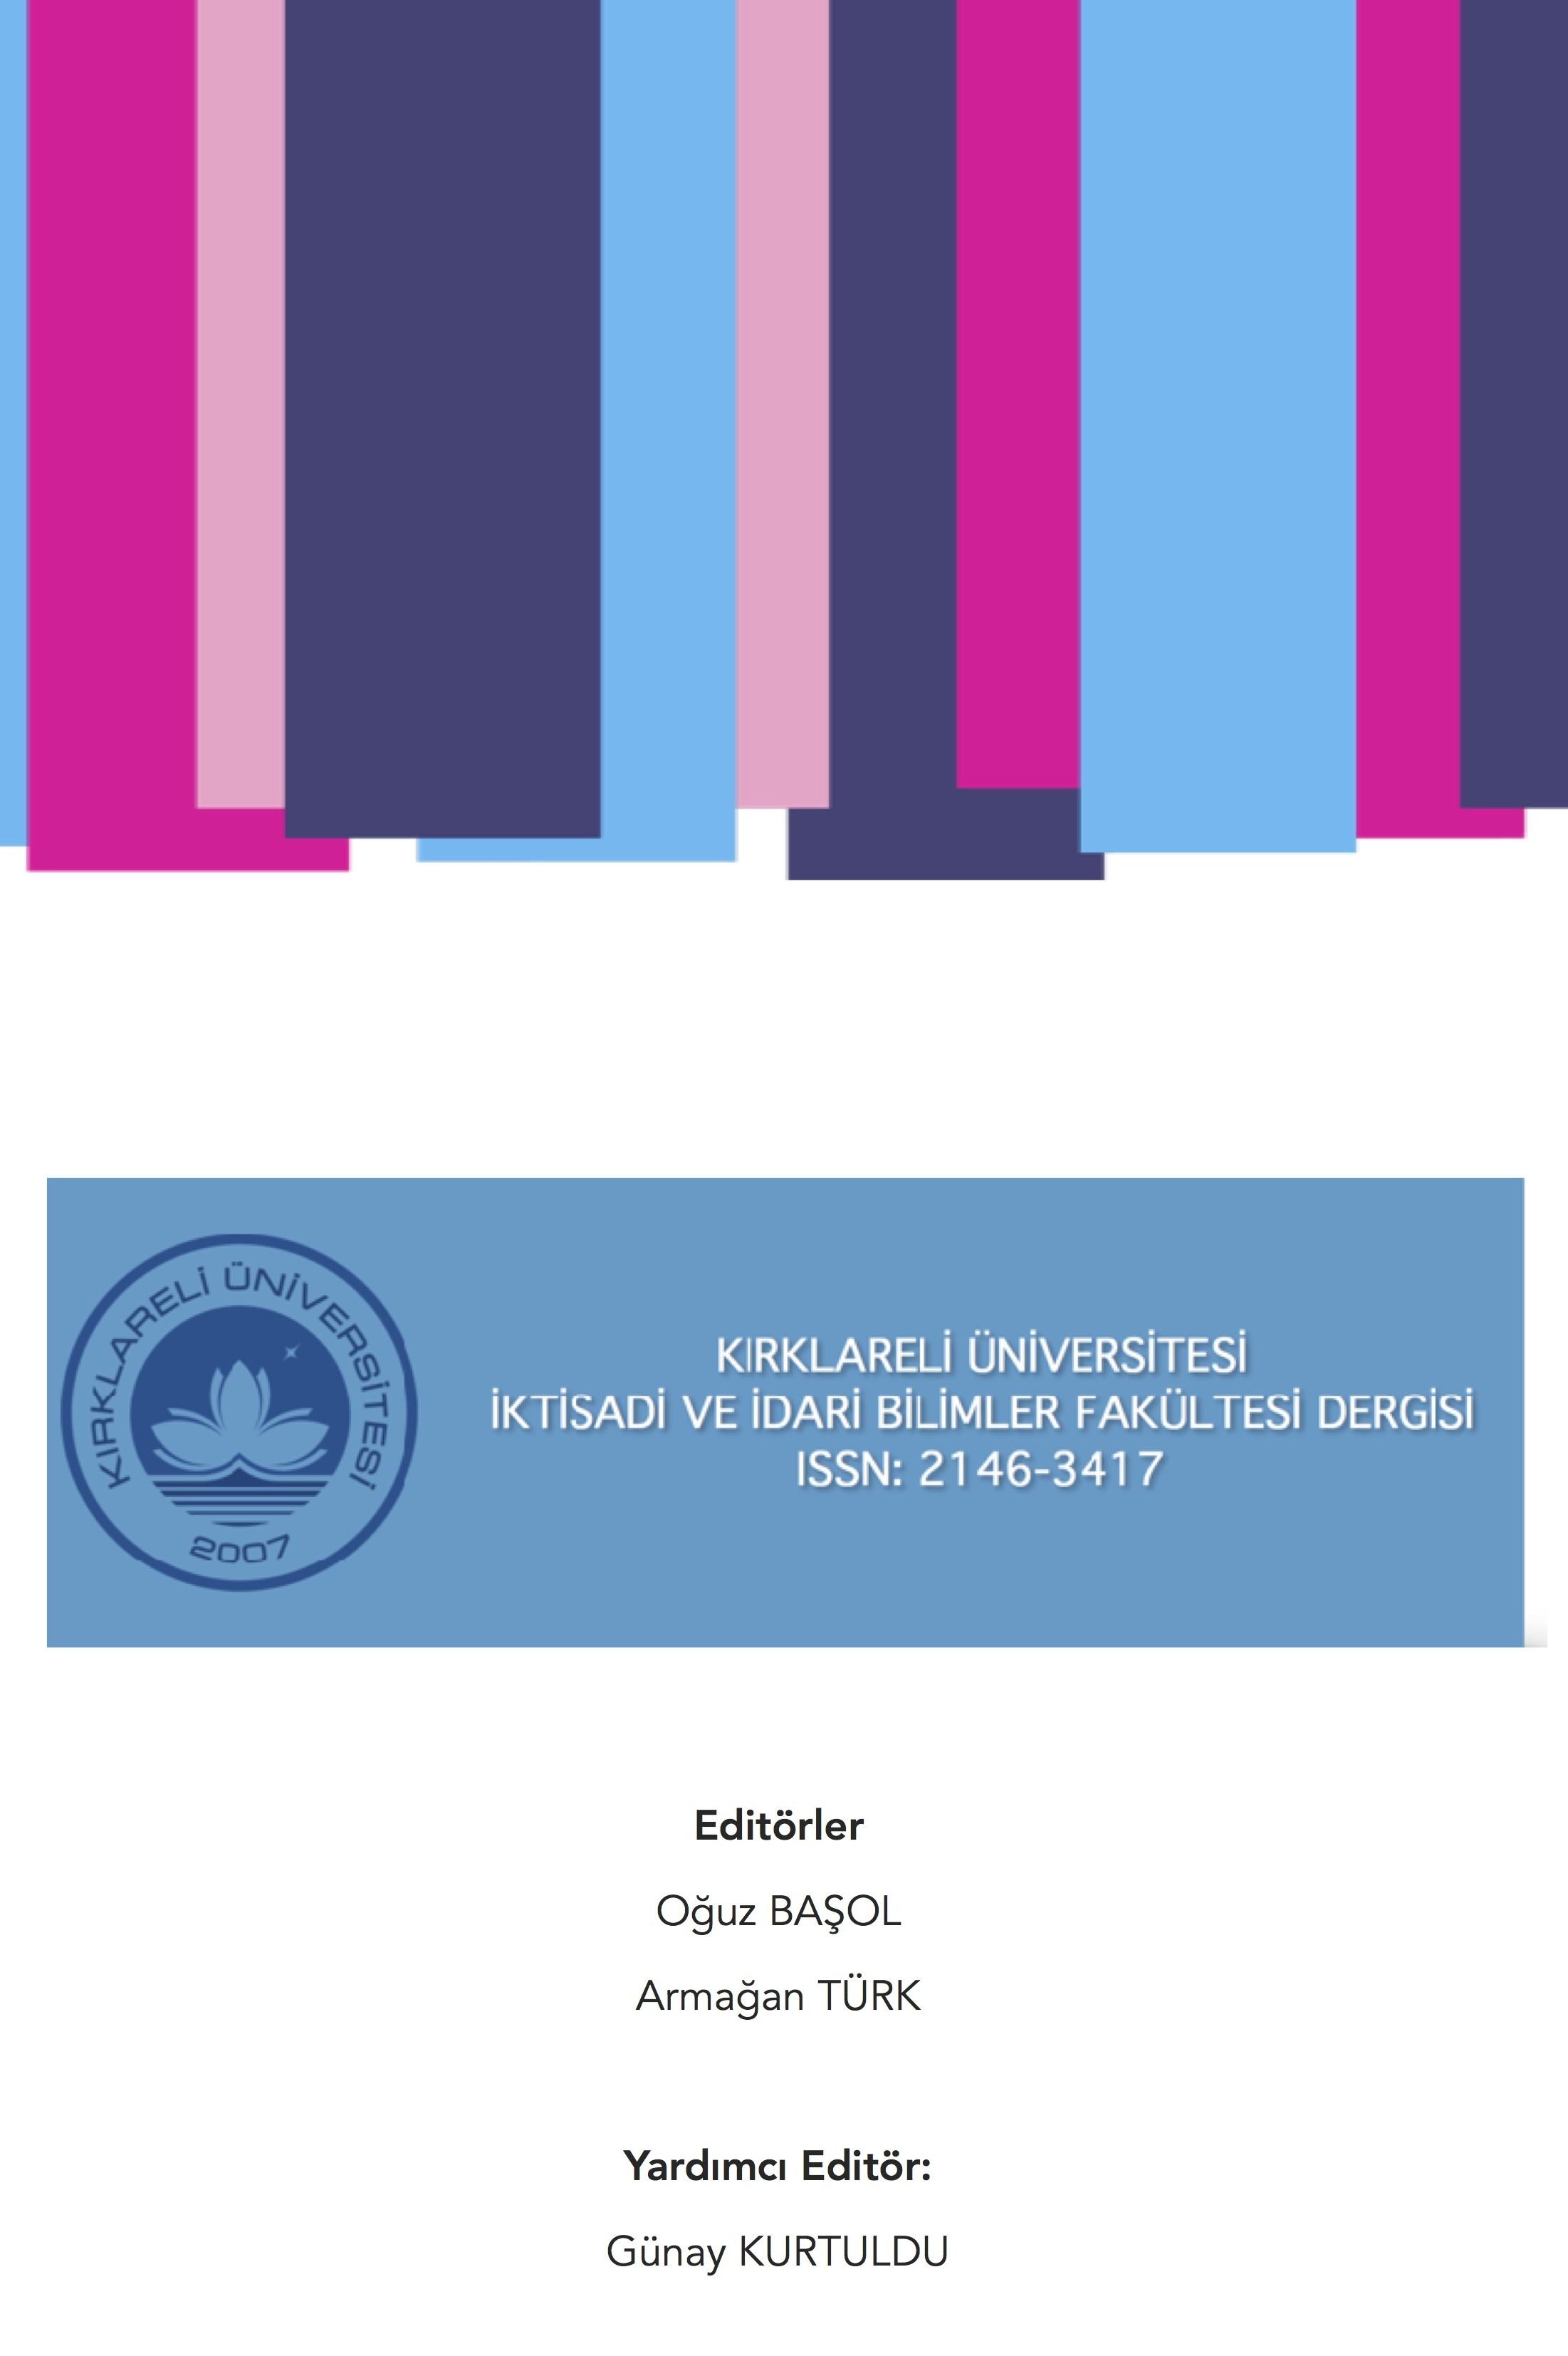 Kırklareli Üniversitesi İktisadi ve İdari Bilimler Fakültesi Dergisi